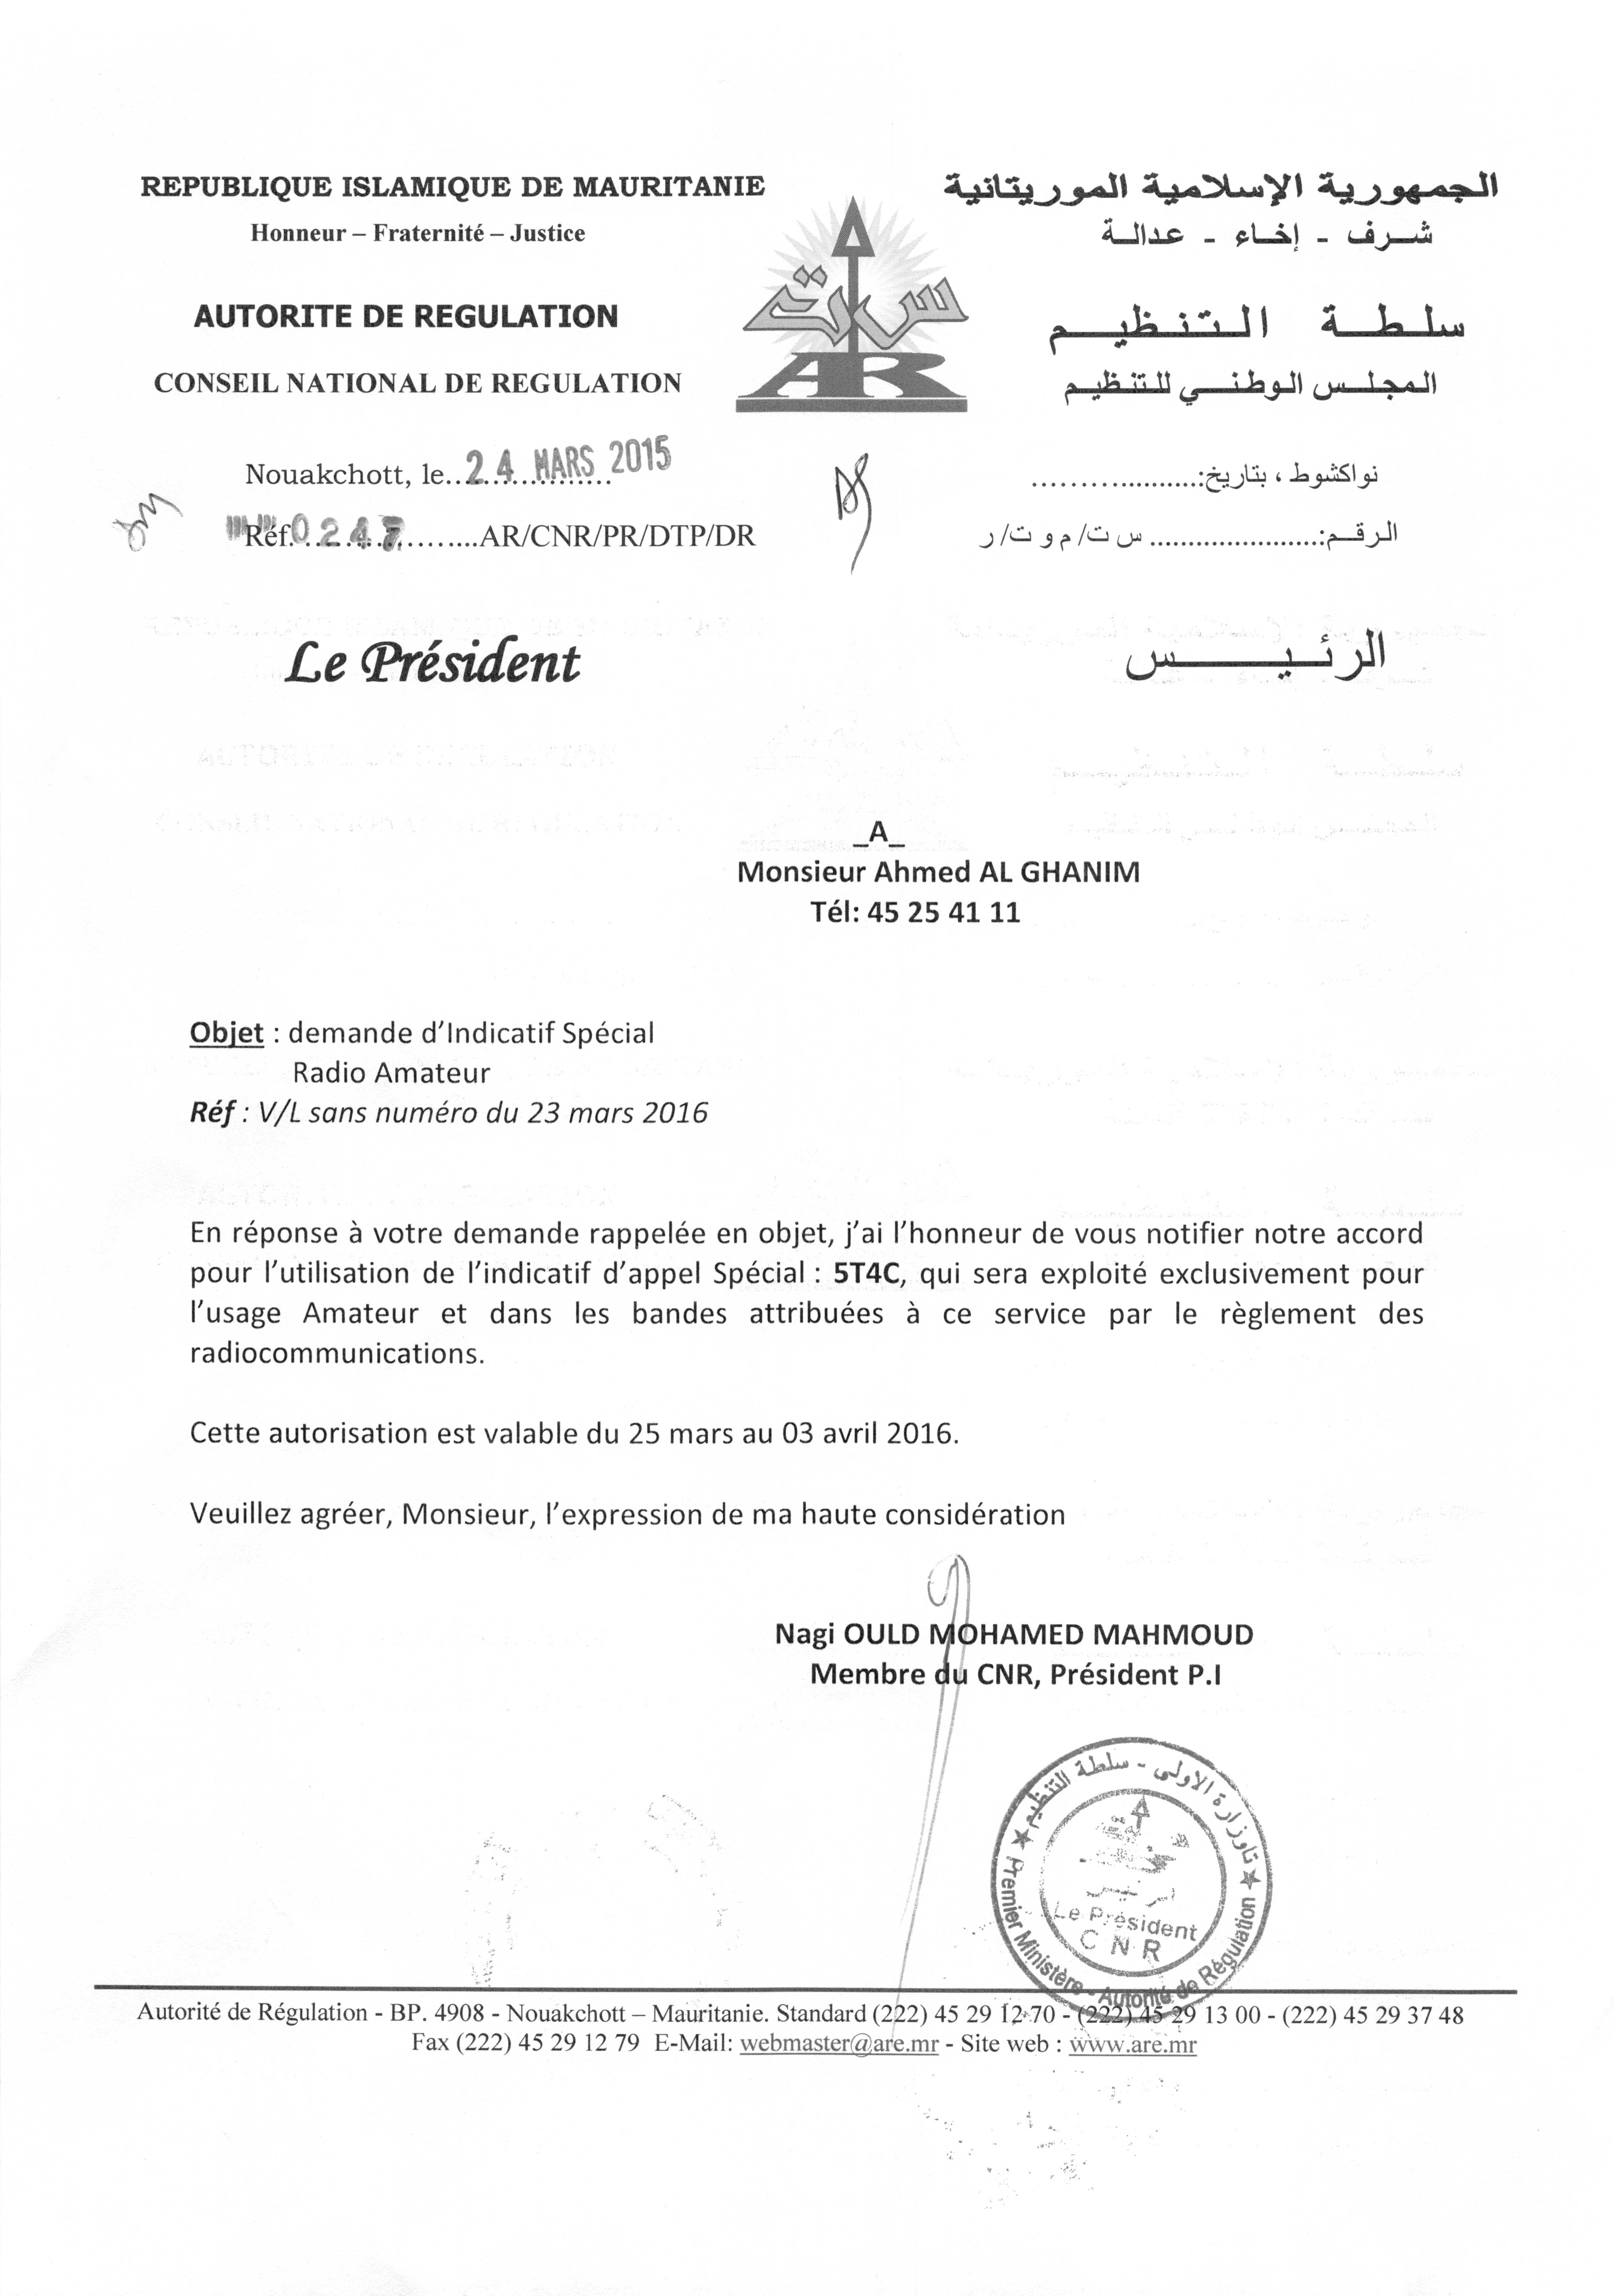 Mauritania 5T4C License